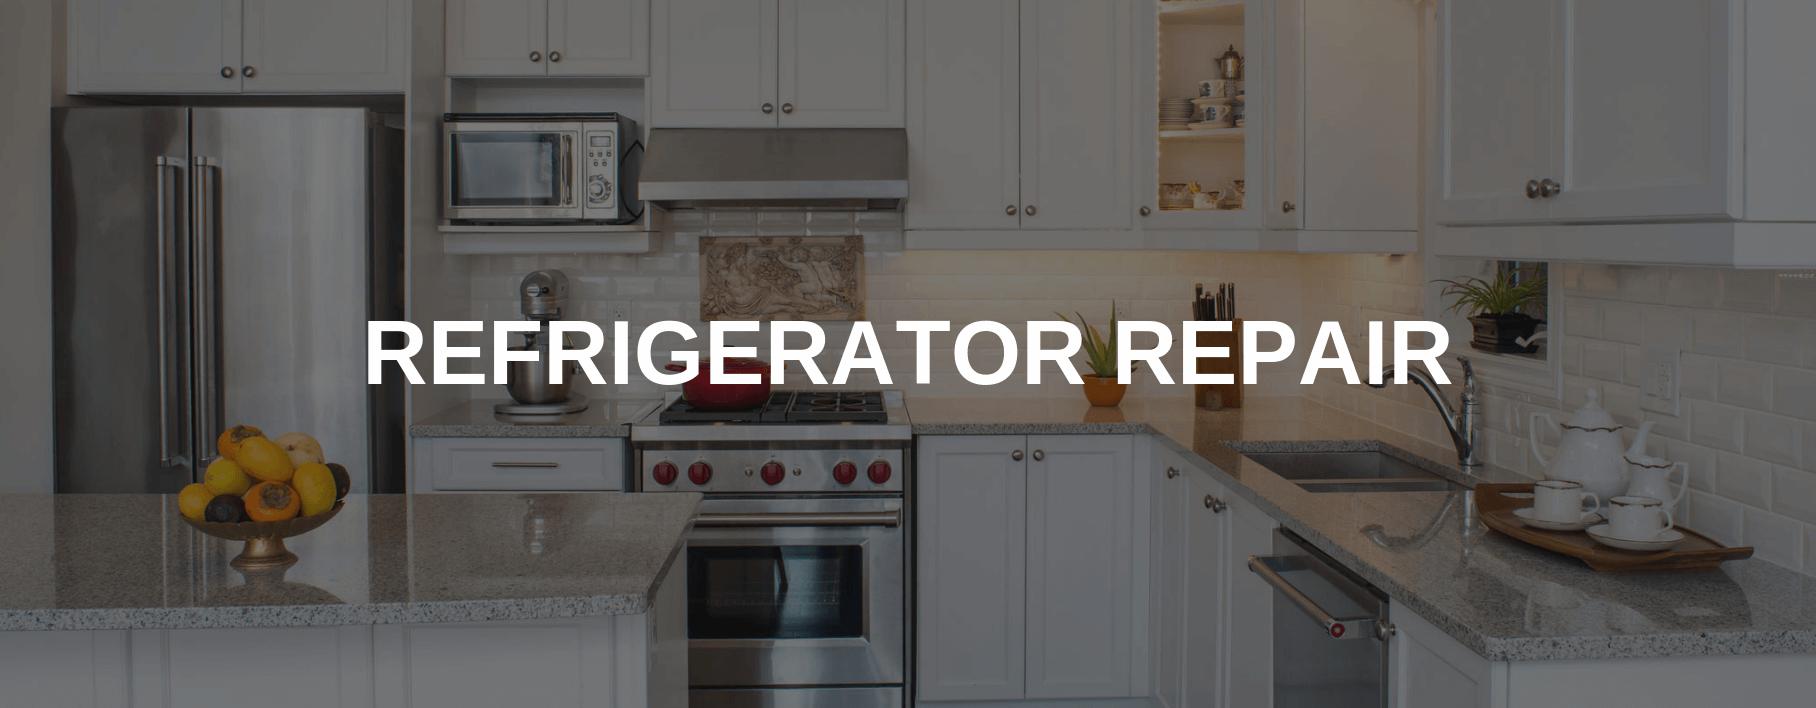 bell refrigerator repair